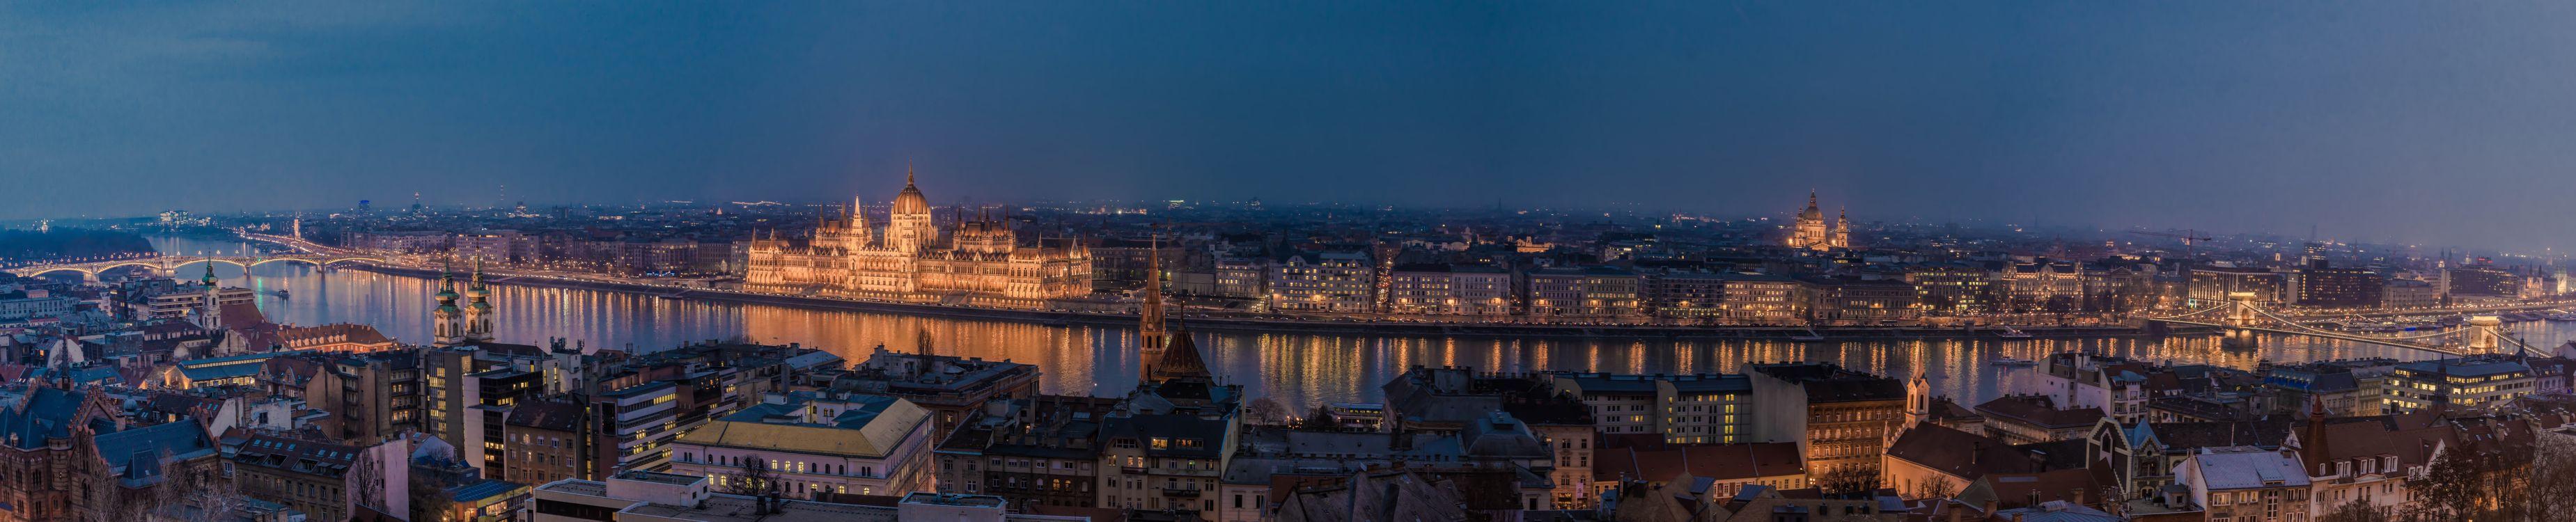 Фото бесплатно Budapest, Будапешт, Венгрия, панорама, город, ночь, ночные города, город